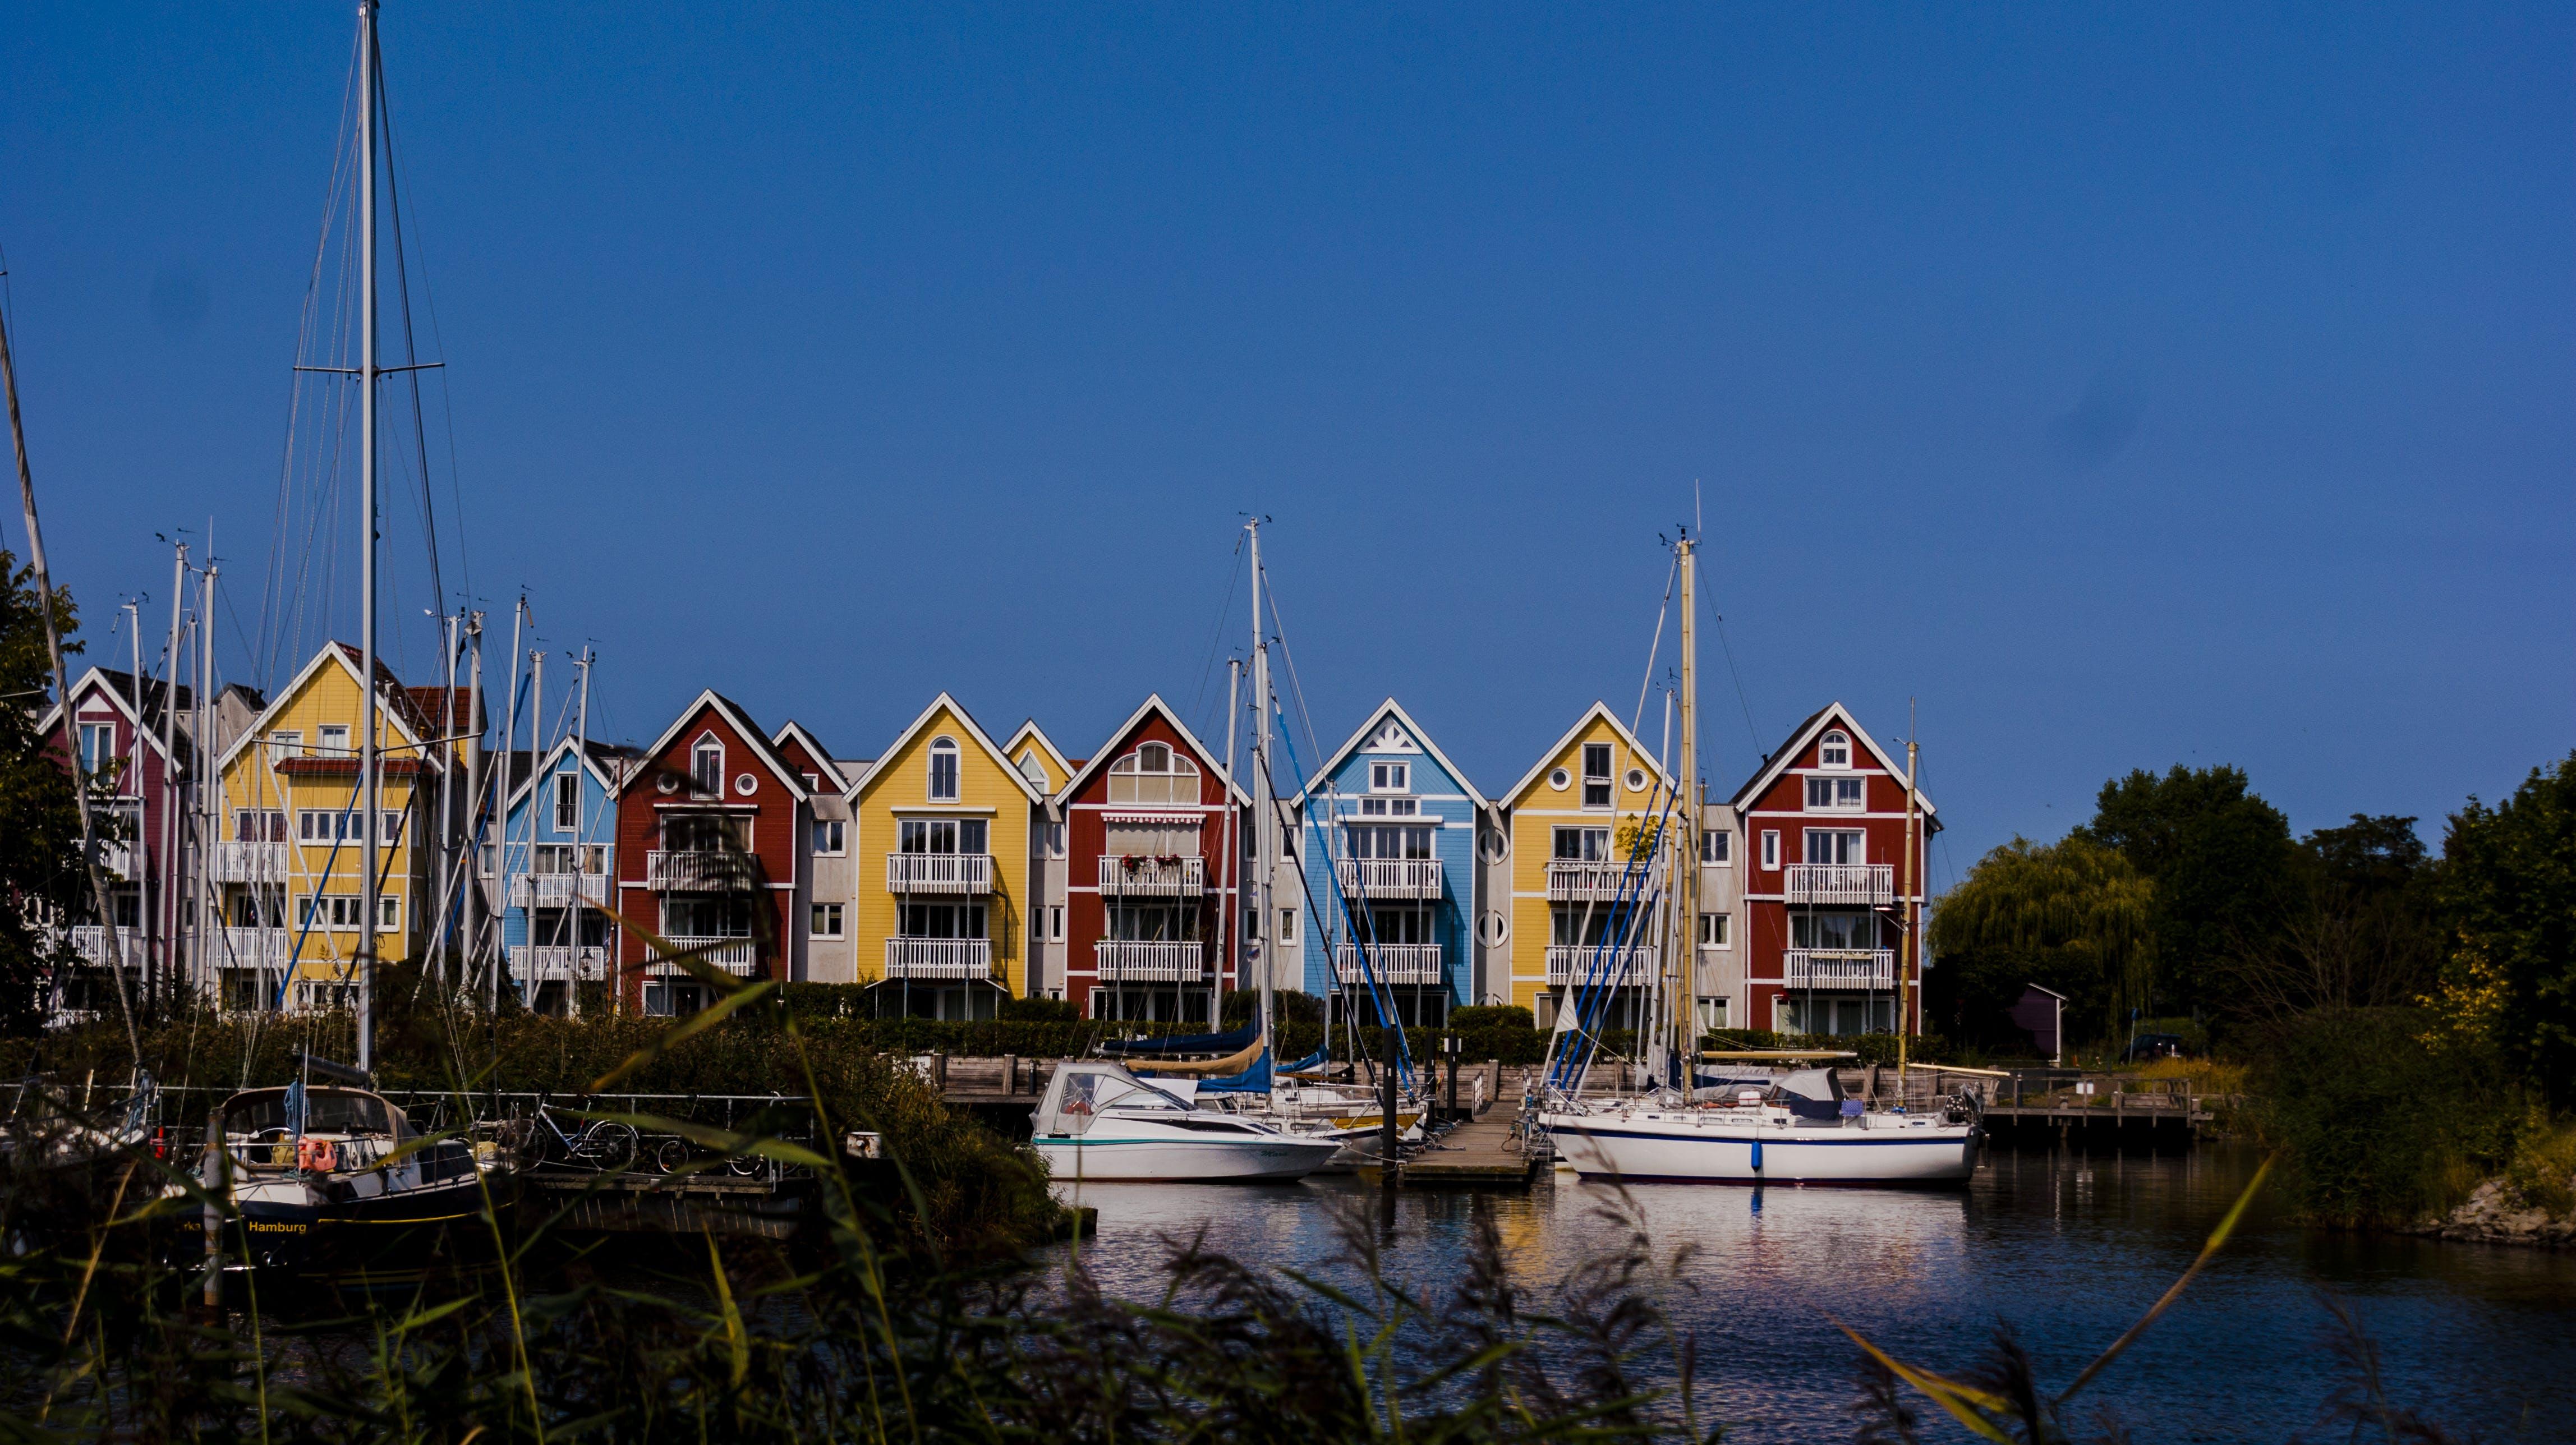 Δωρεάν στοκ φωτογραφιών με βάρκες, κρασί Πόρτο, ναυτικός, πολύχρωμα σπίτια